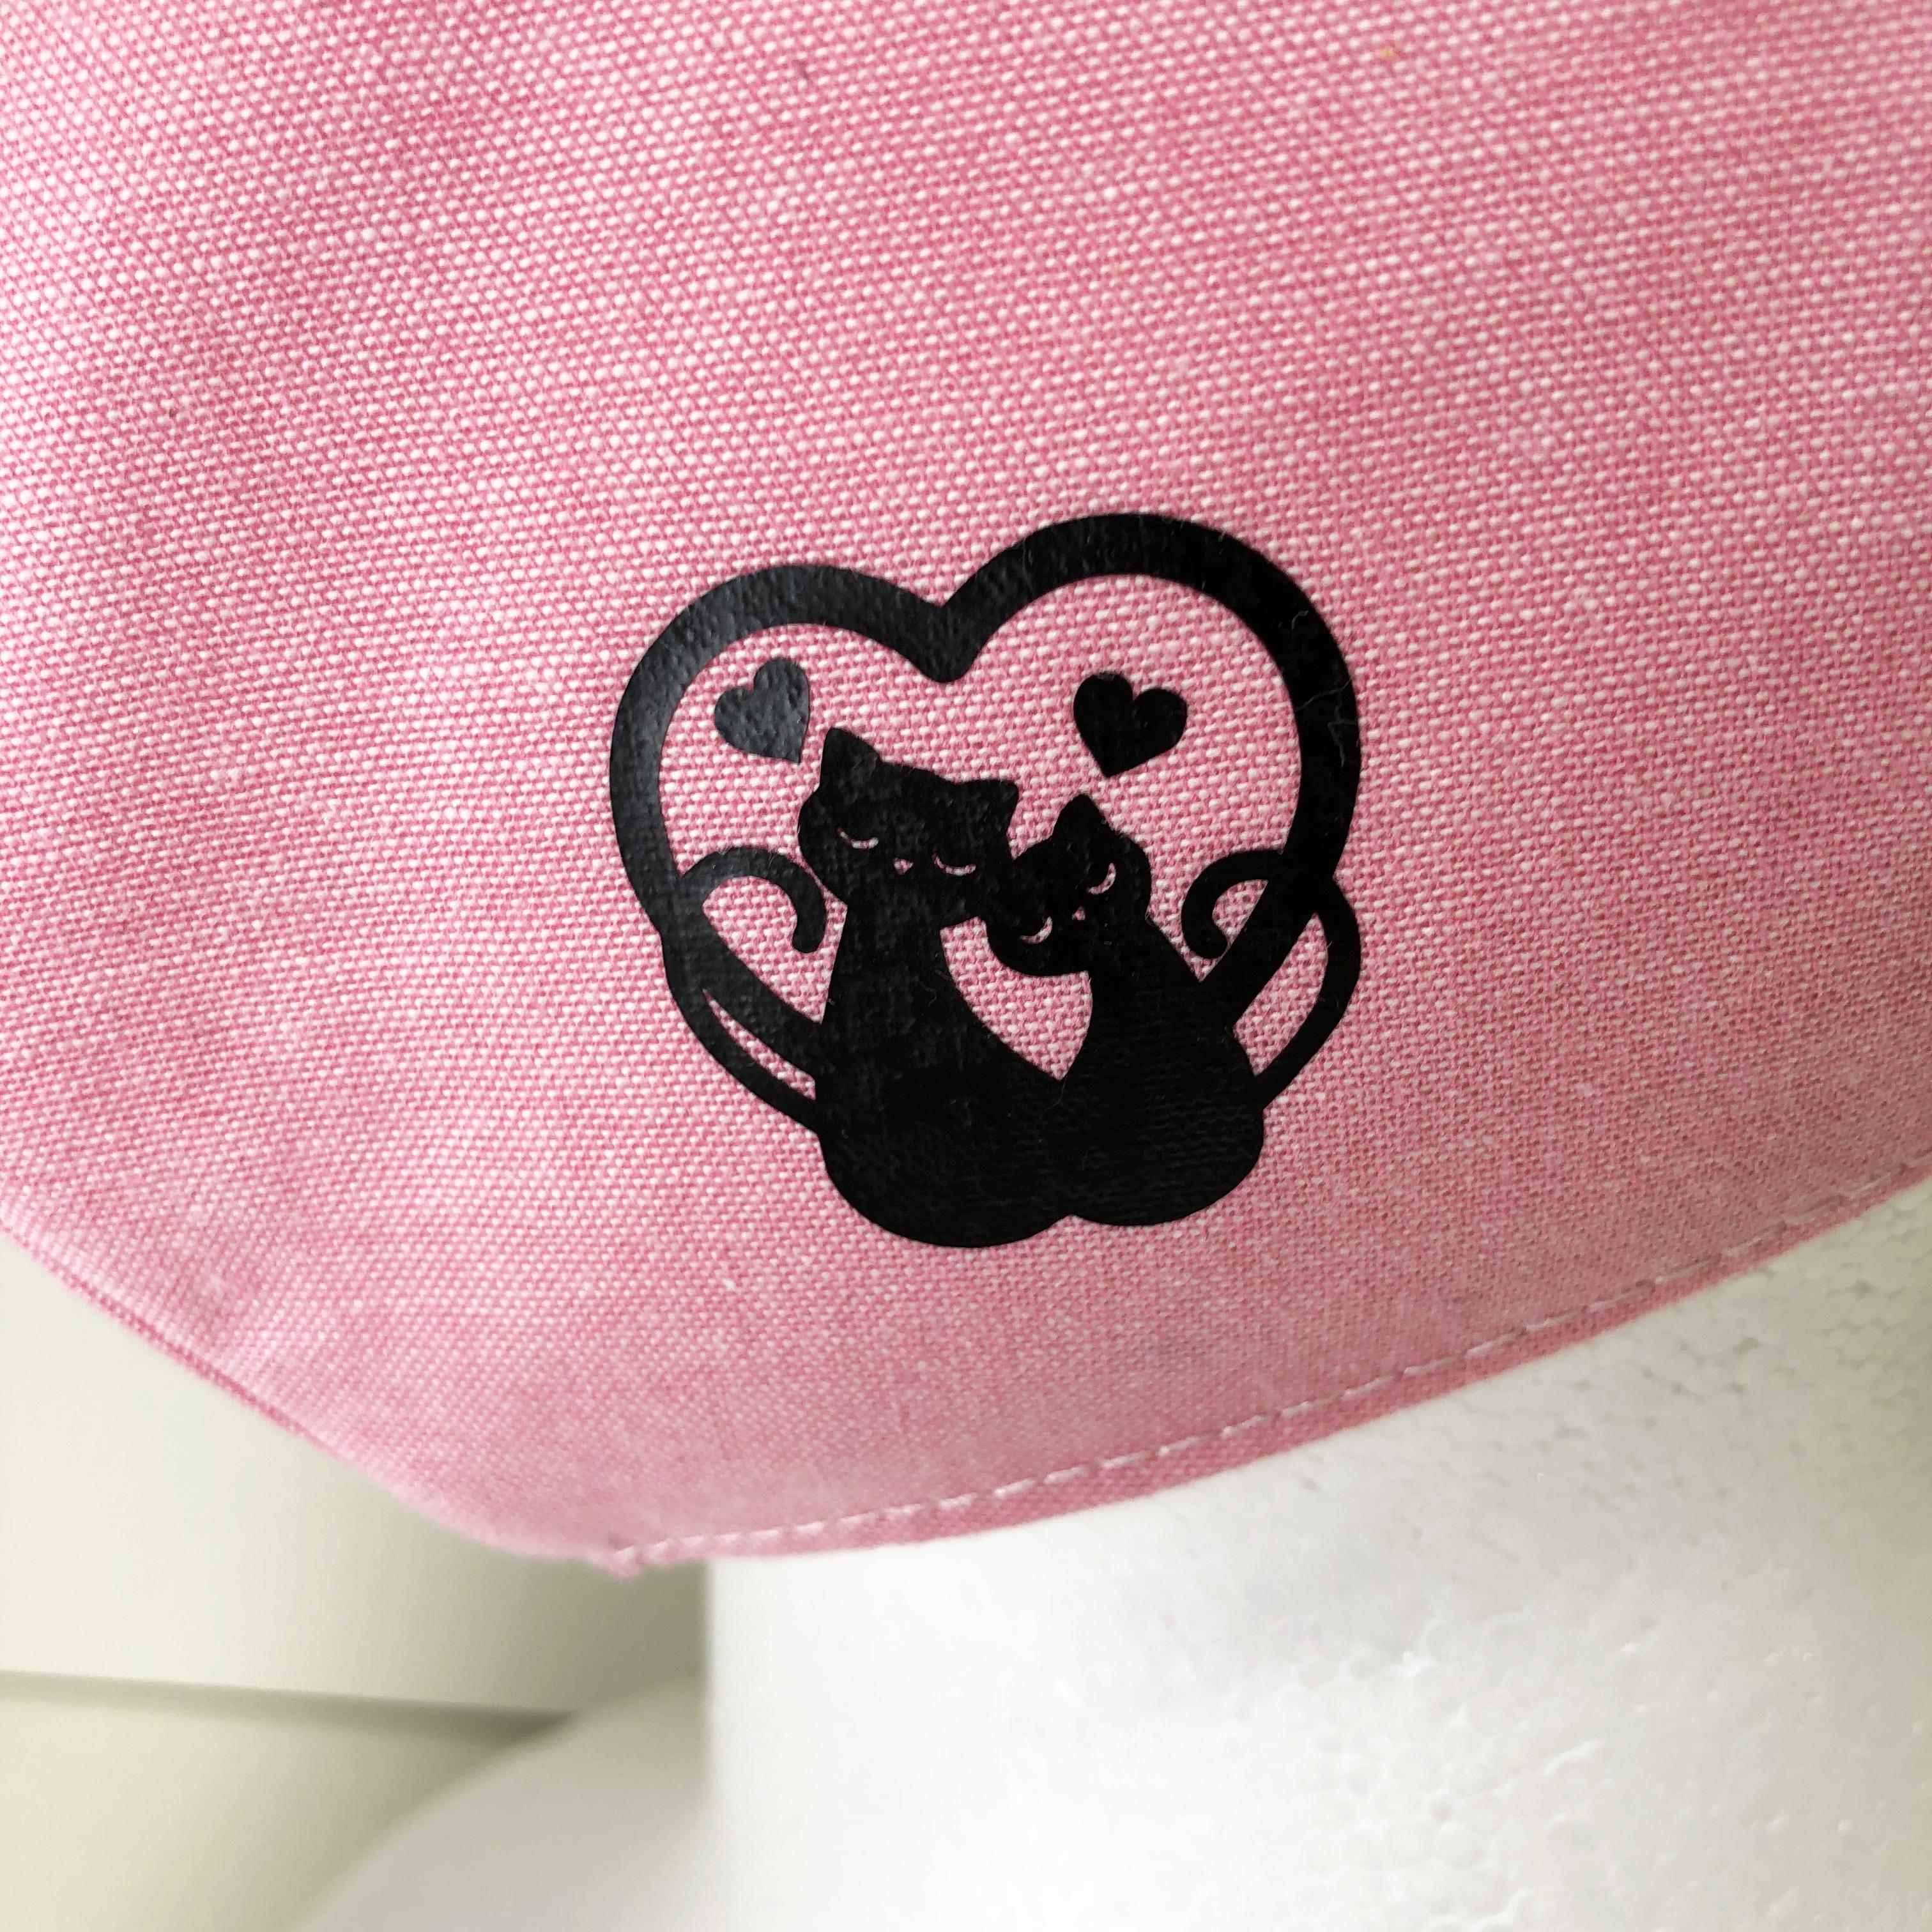 立体マスク 猫 ピンク ハート LOVE 布マスク 大人サイズ ゴム紐使用